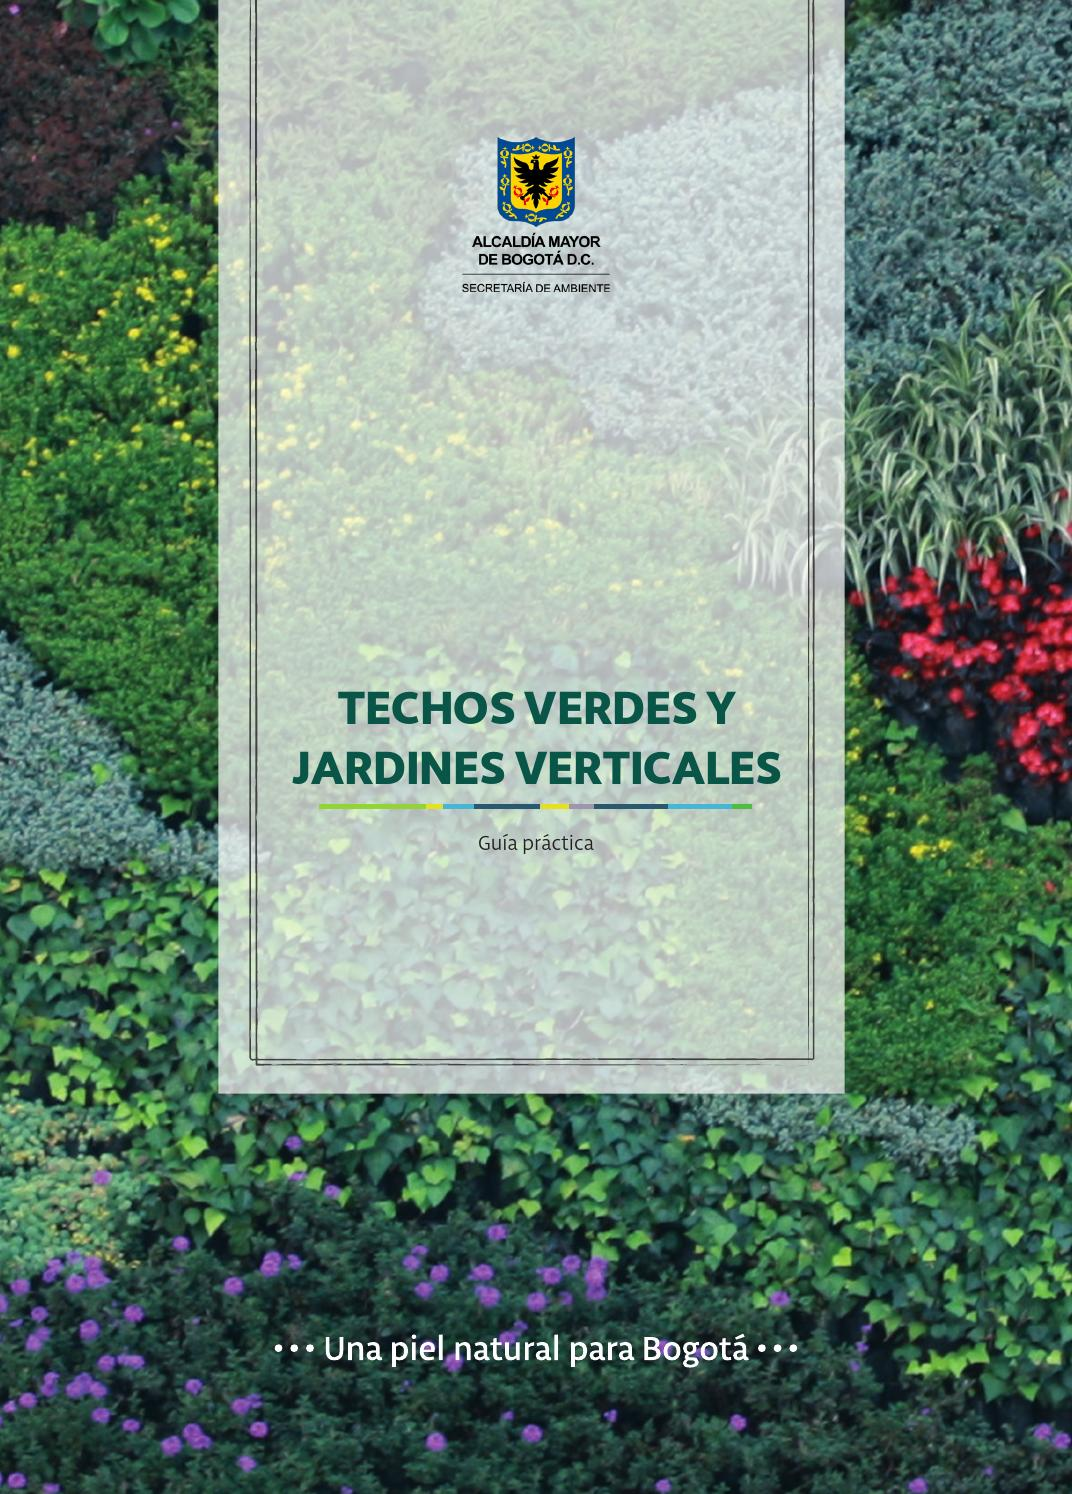 Gu a de techos verdes y jardines verticales by sda2015 issuu for Jardineros ltda